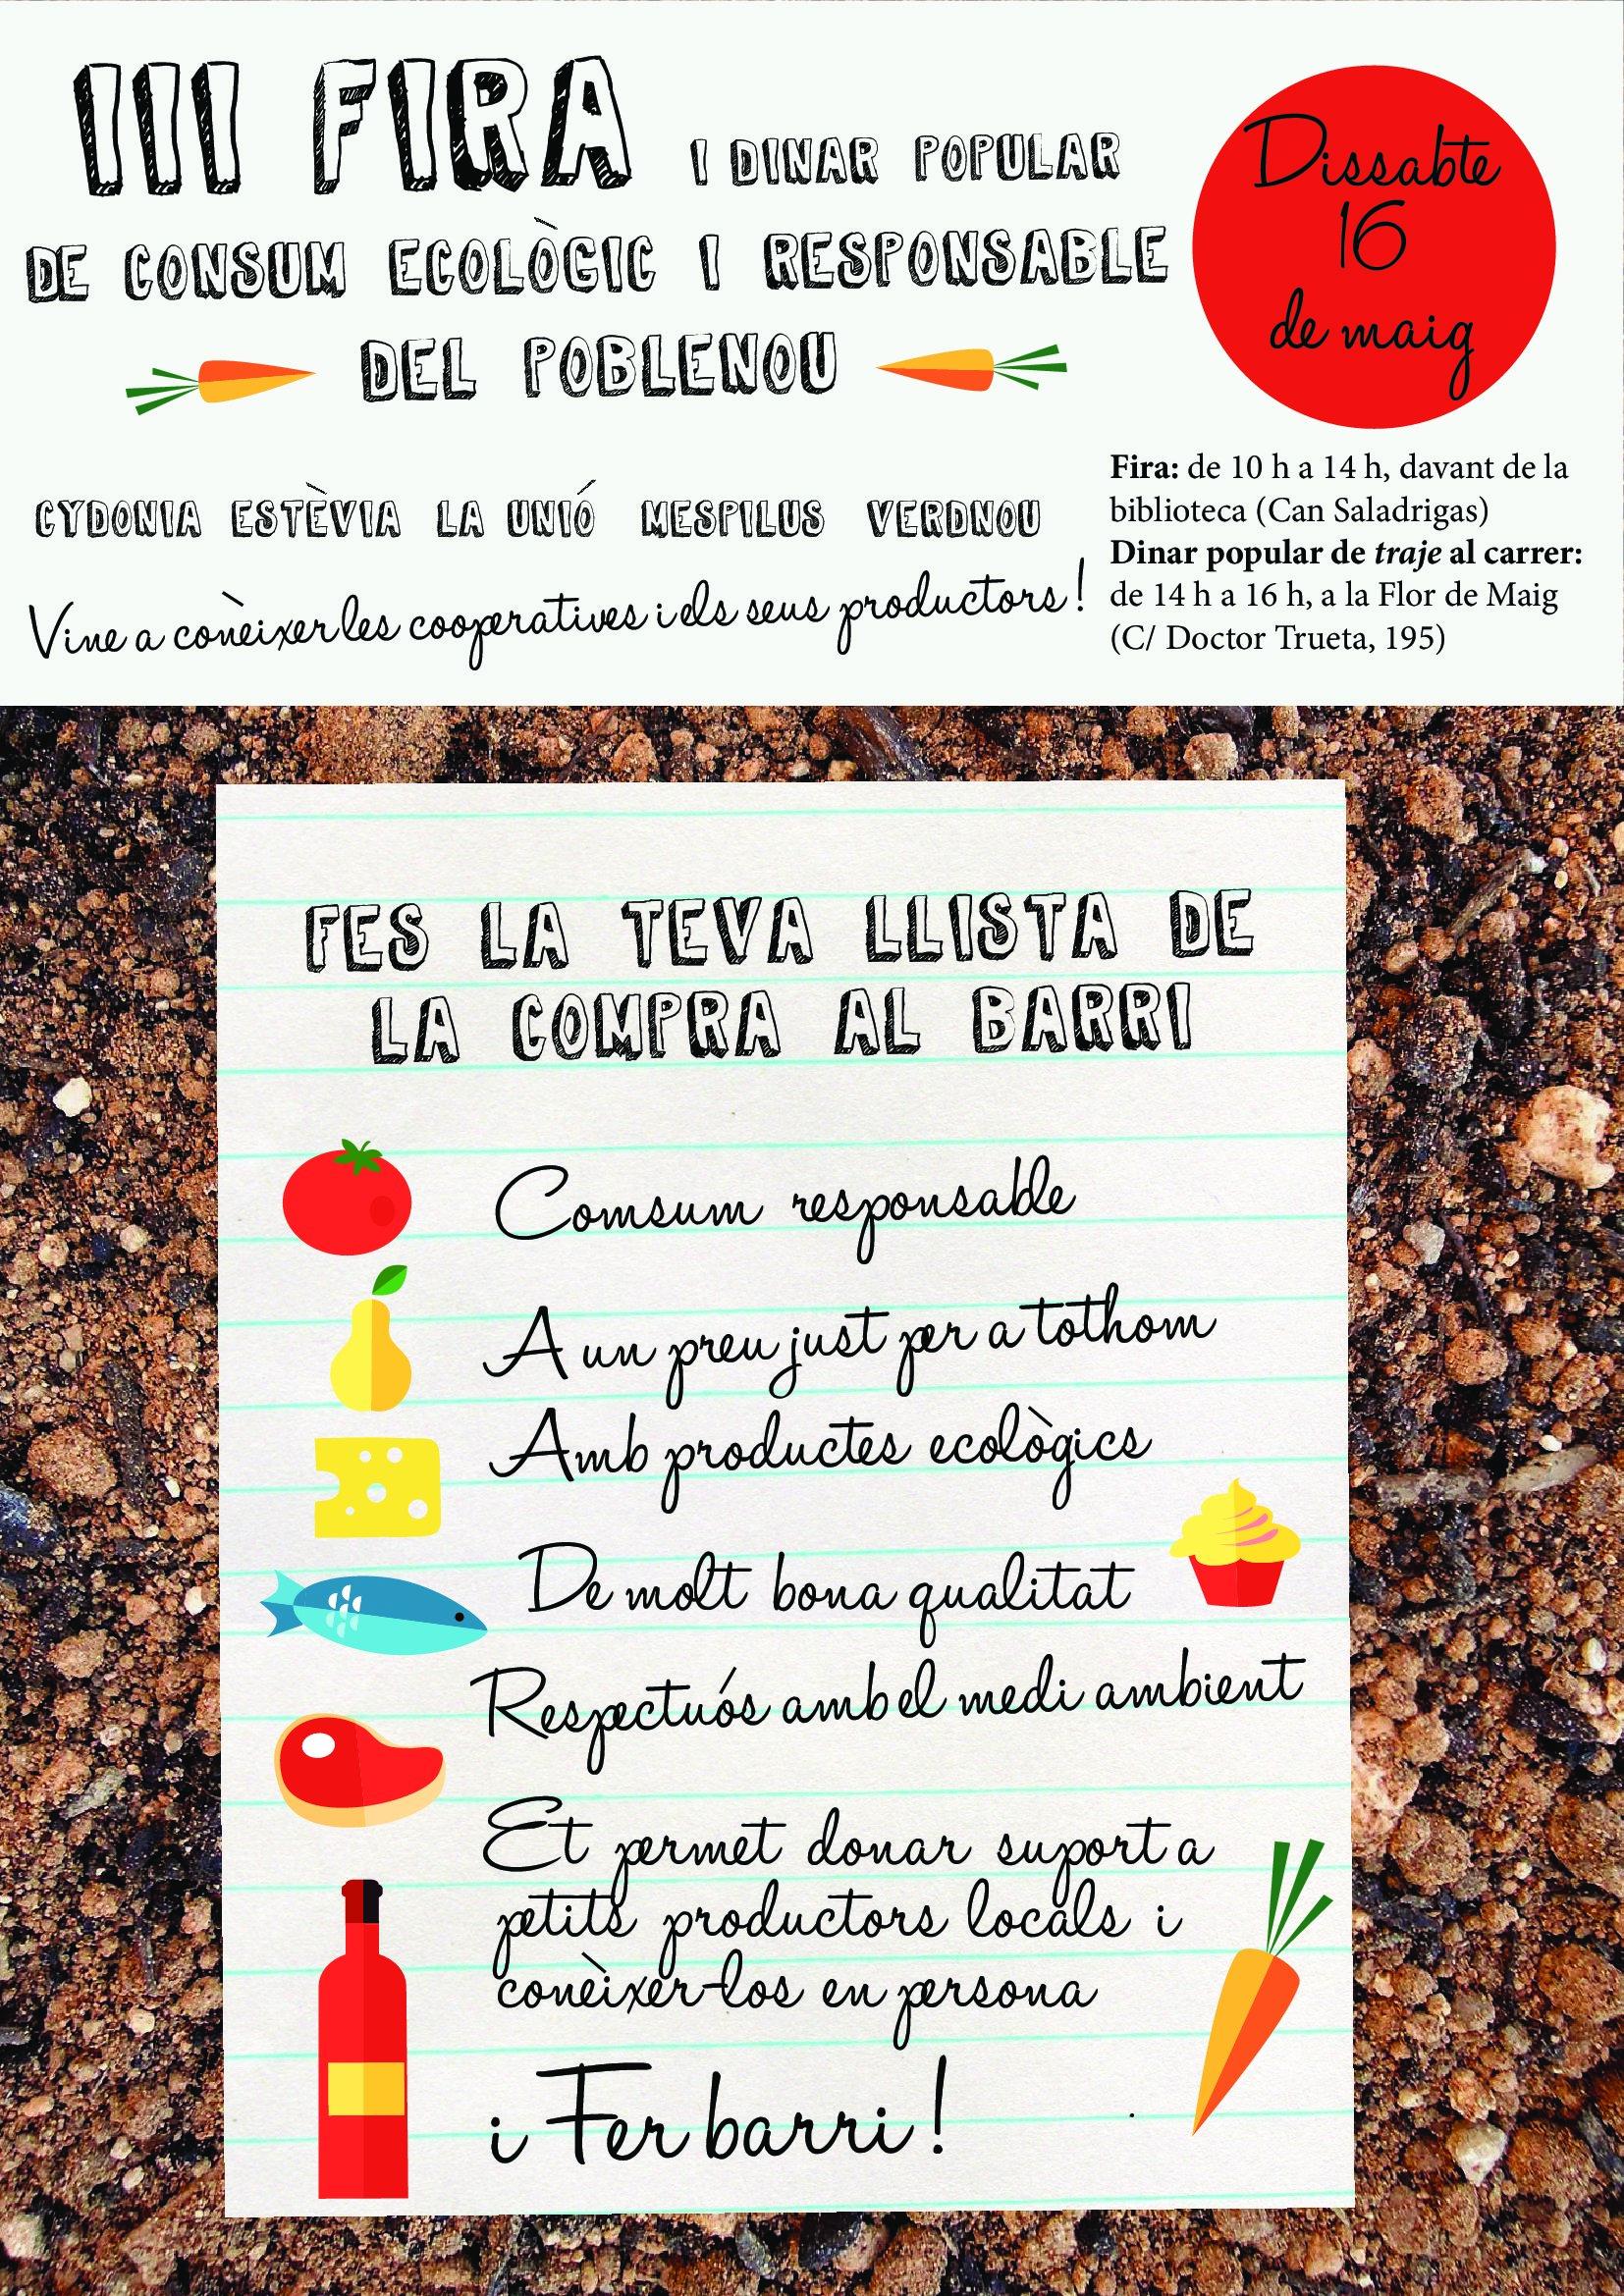 Dissabte 16 de maig Jornada de cooperatives de Poblenou